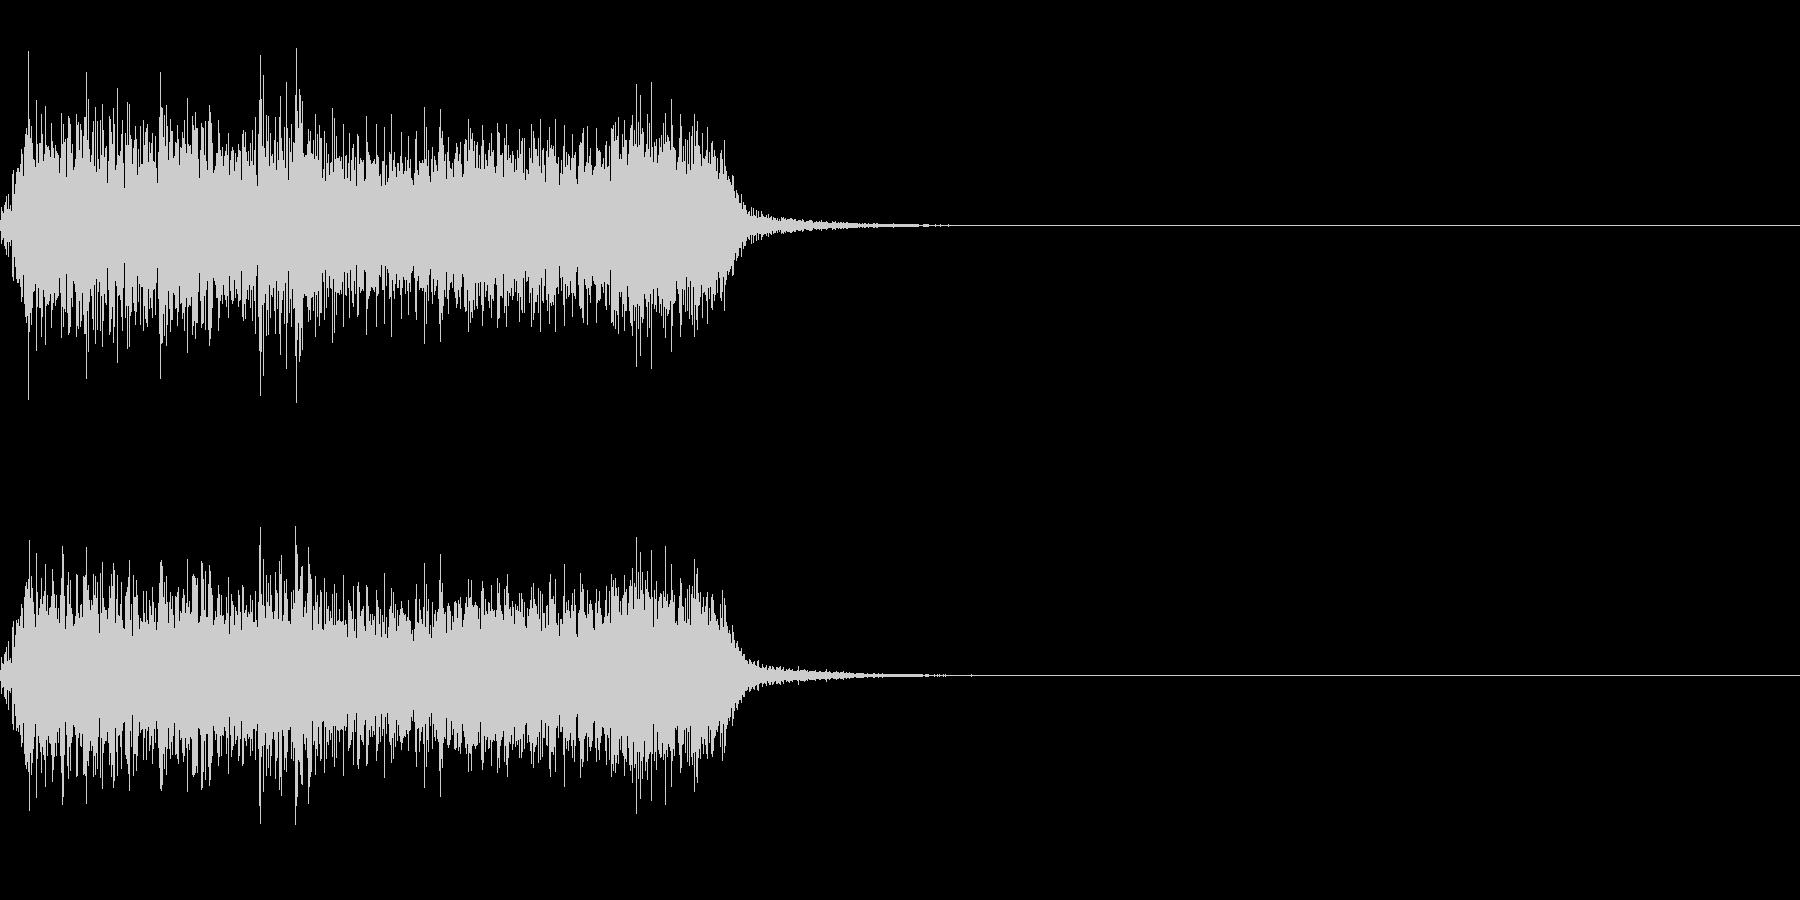 スパーク音-25の未再生の波形